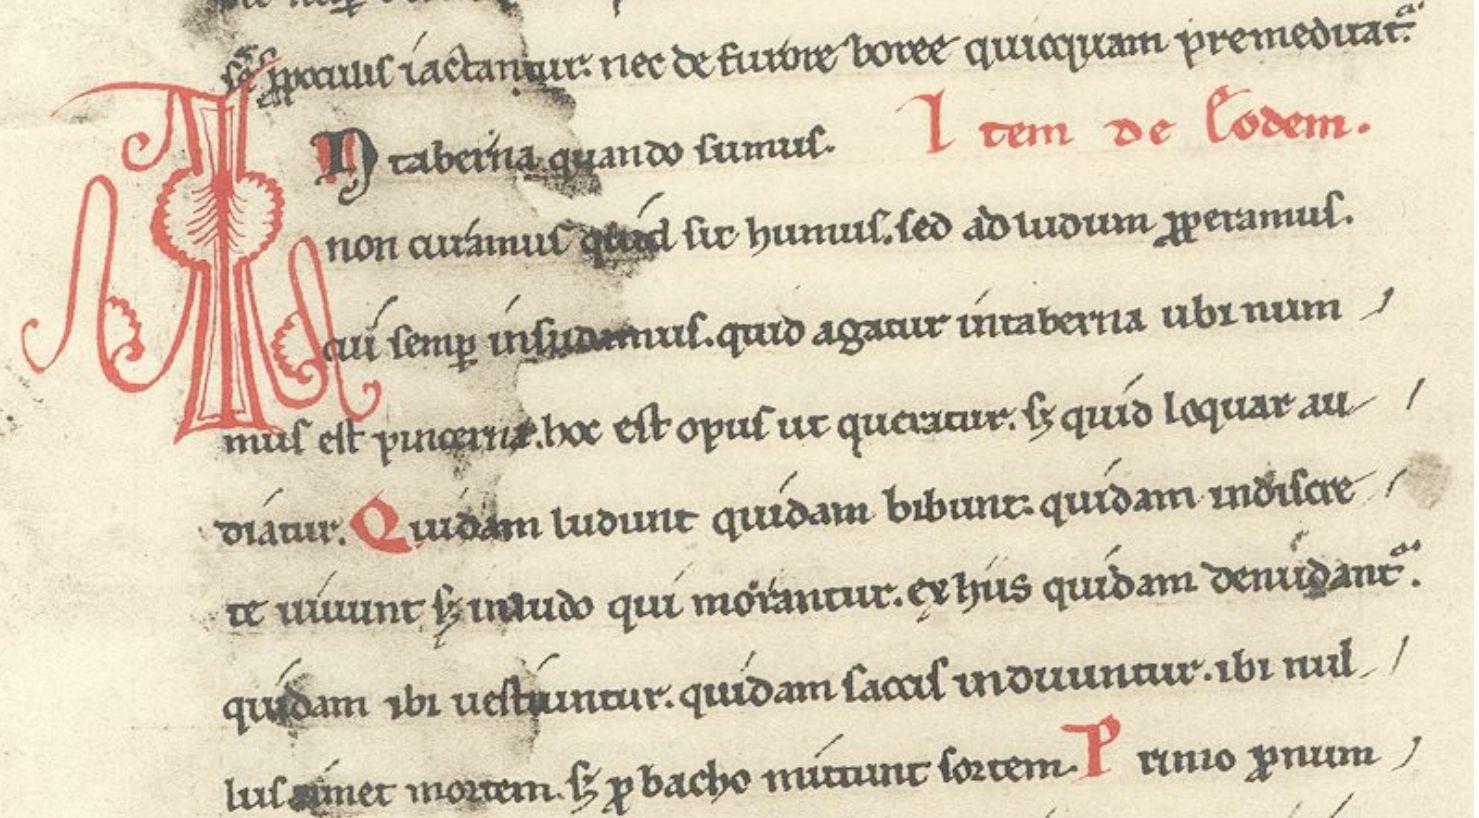 Carmina Burana, folio 87v: In taberna quando sumus, CB 196